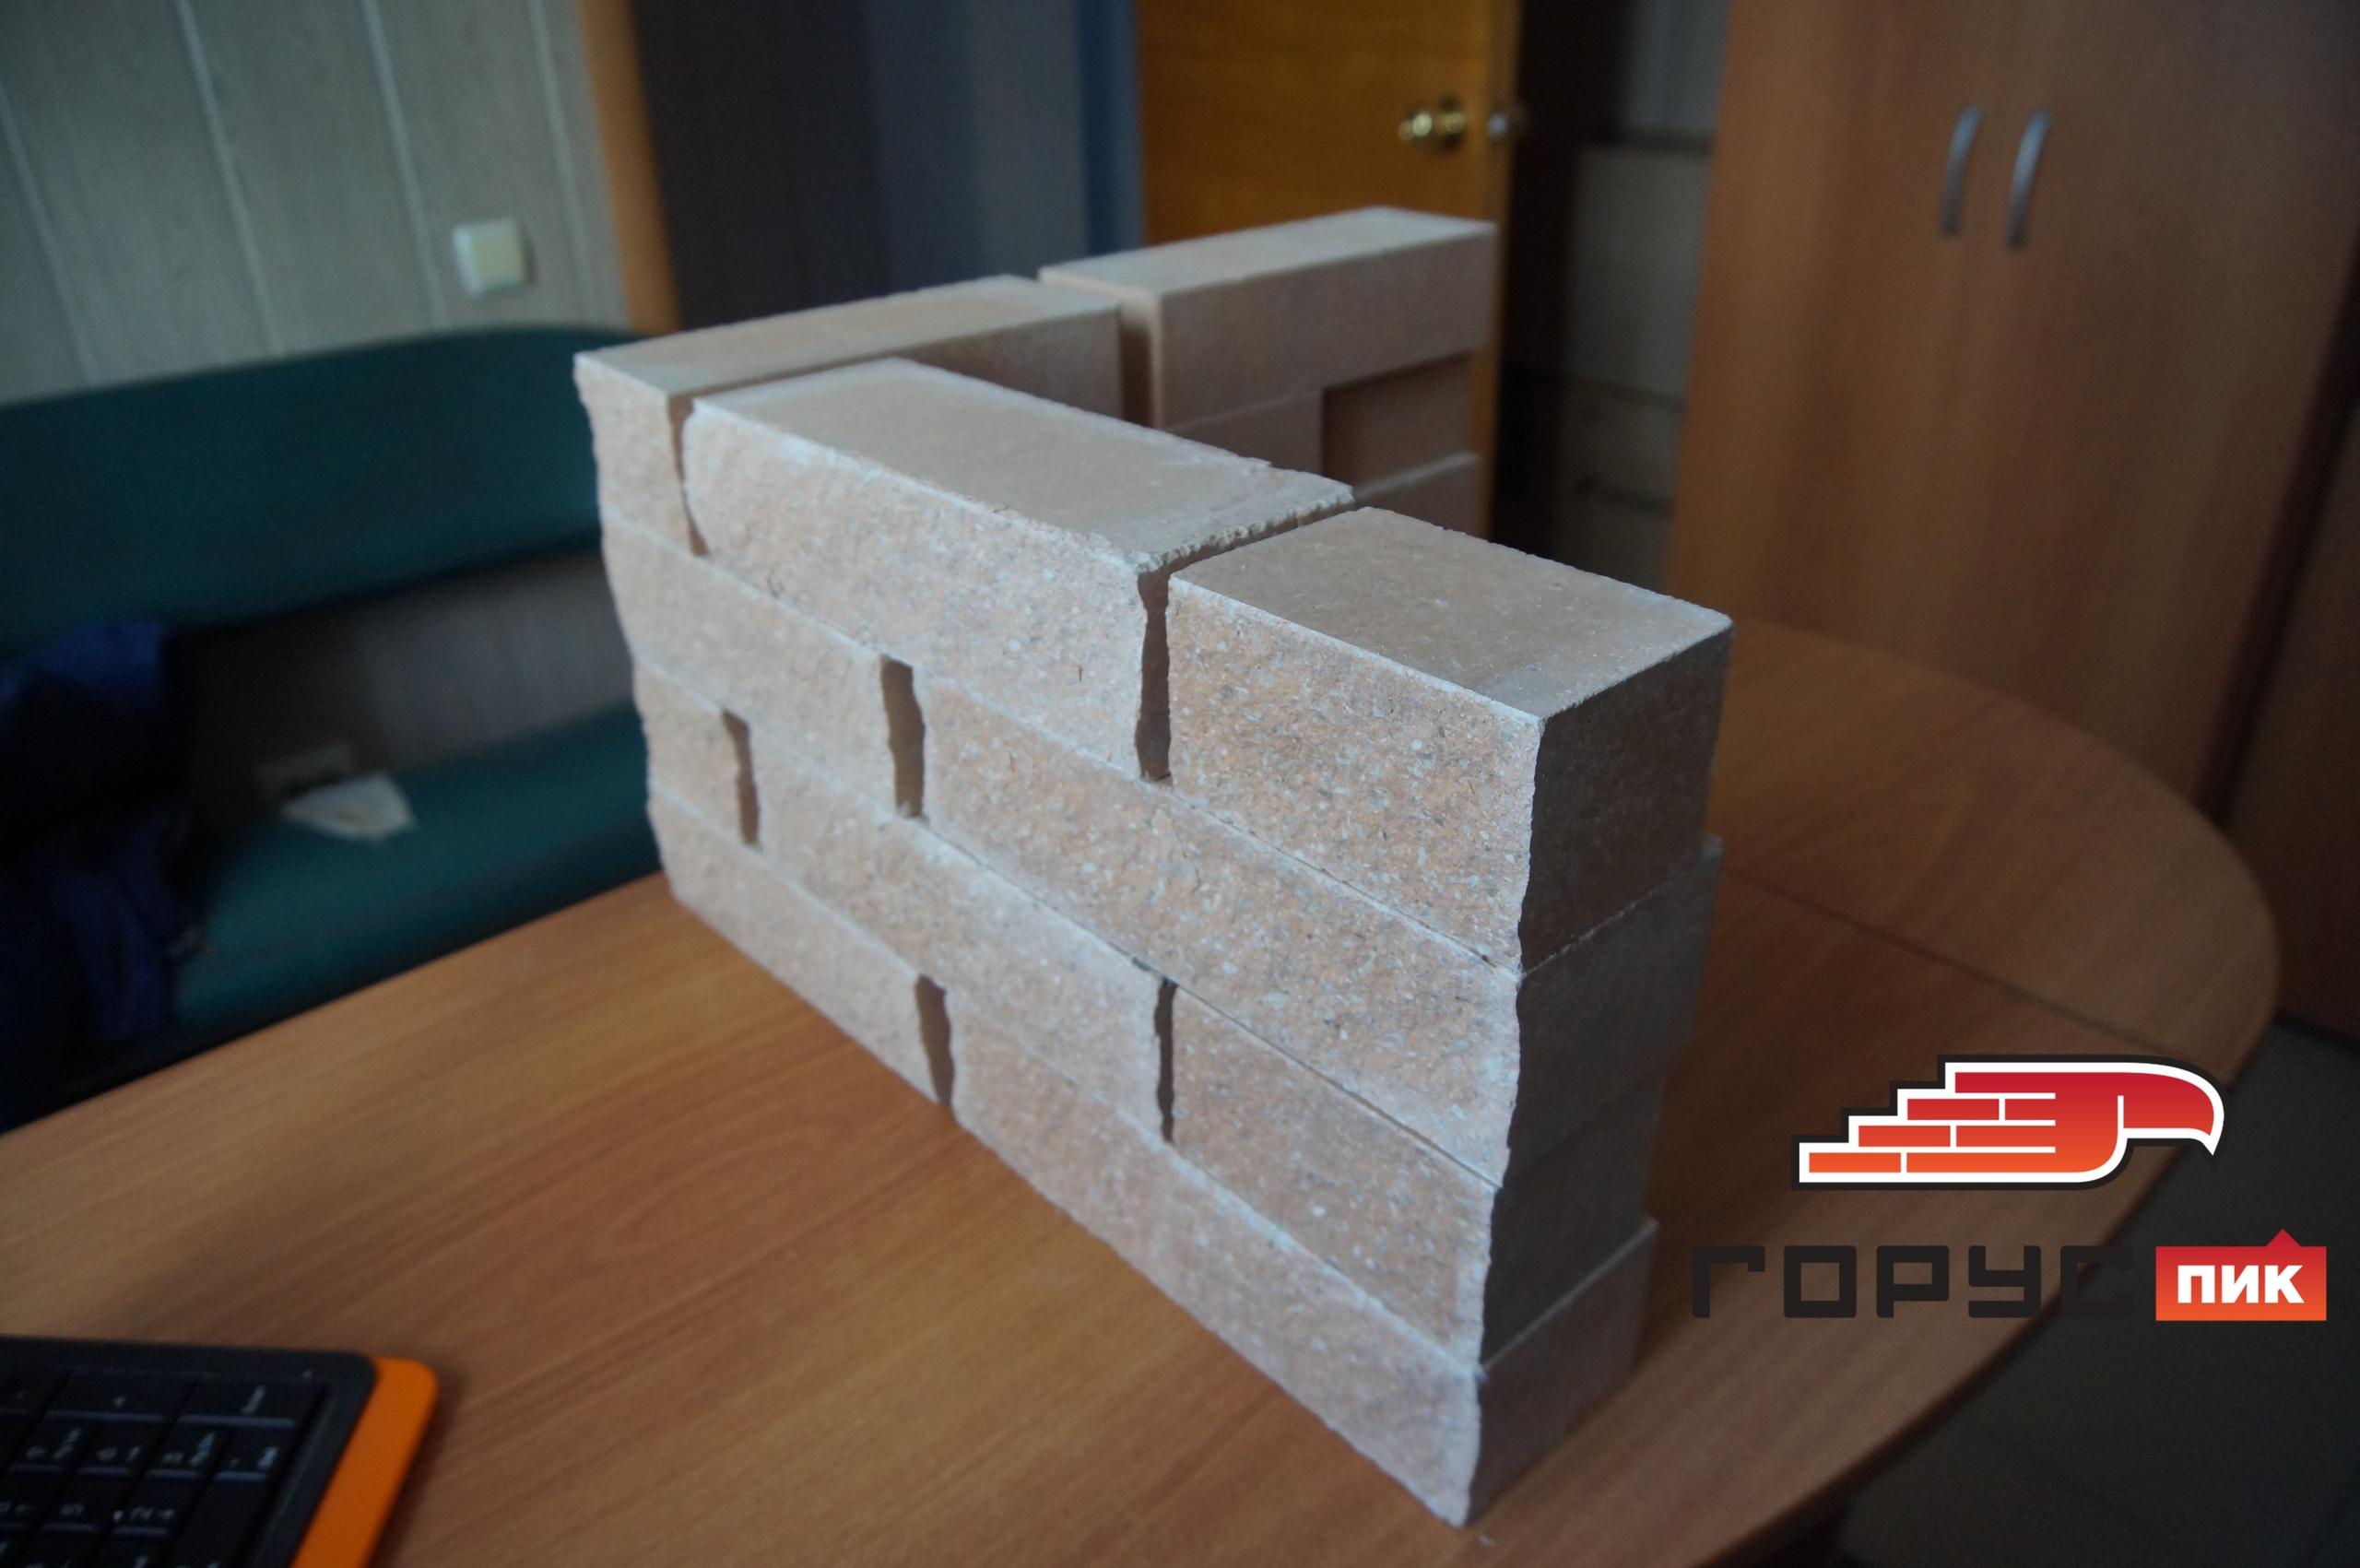 Задача: фасад будет покрыт штукатуркой, а углы дома планируется выложить кирпичом